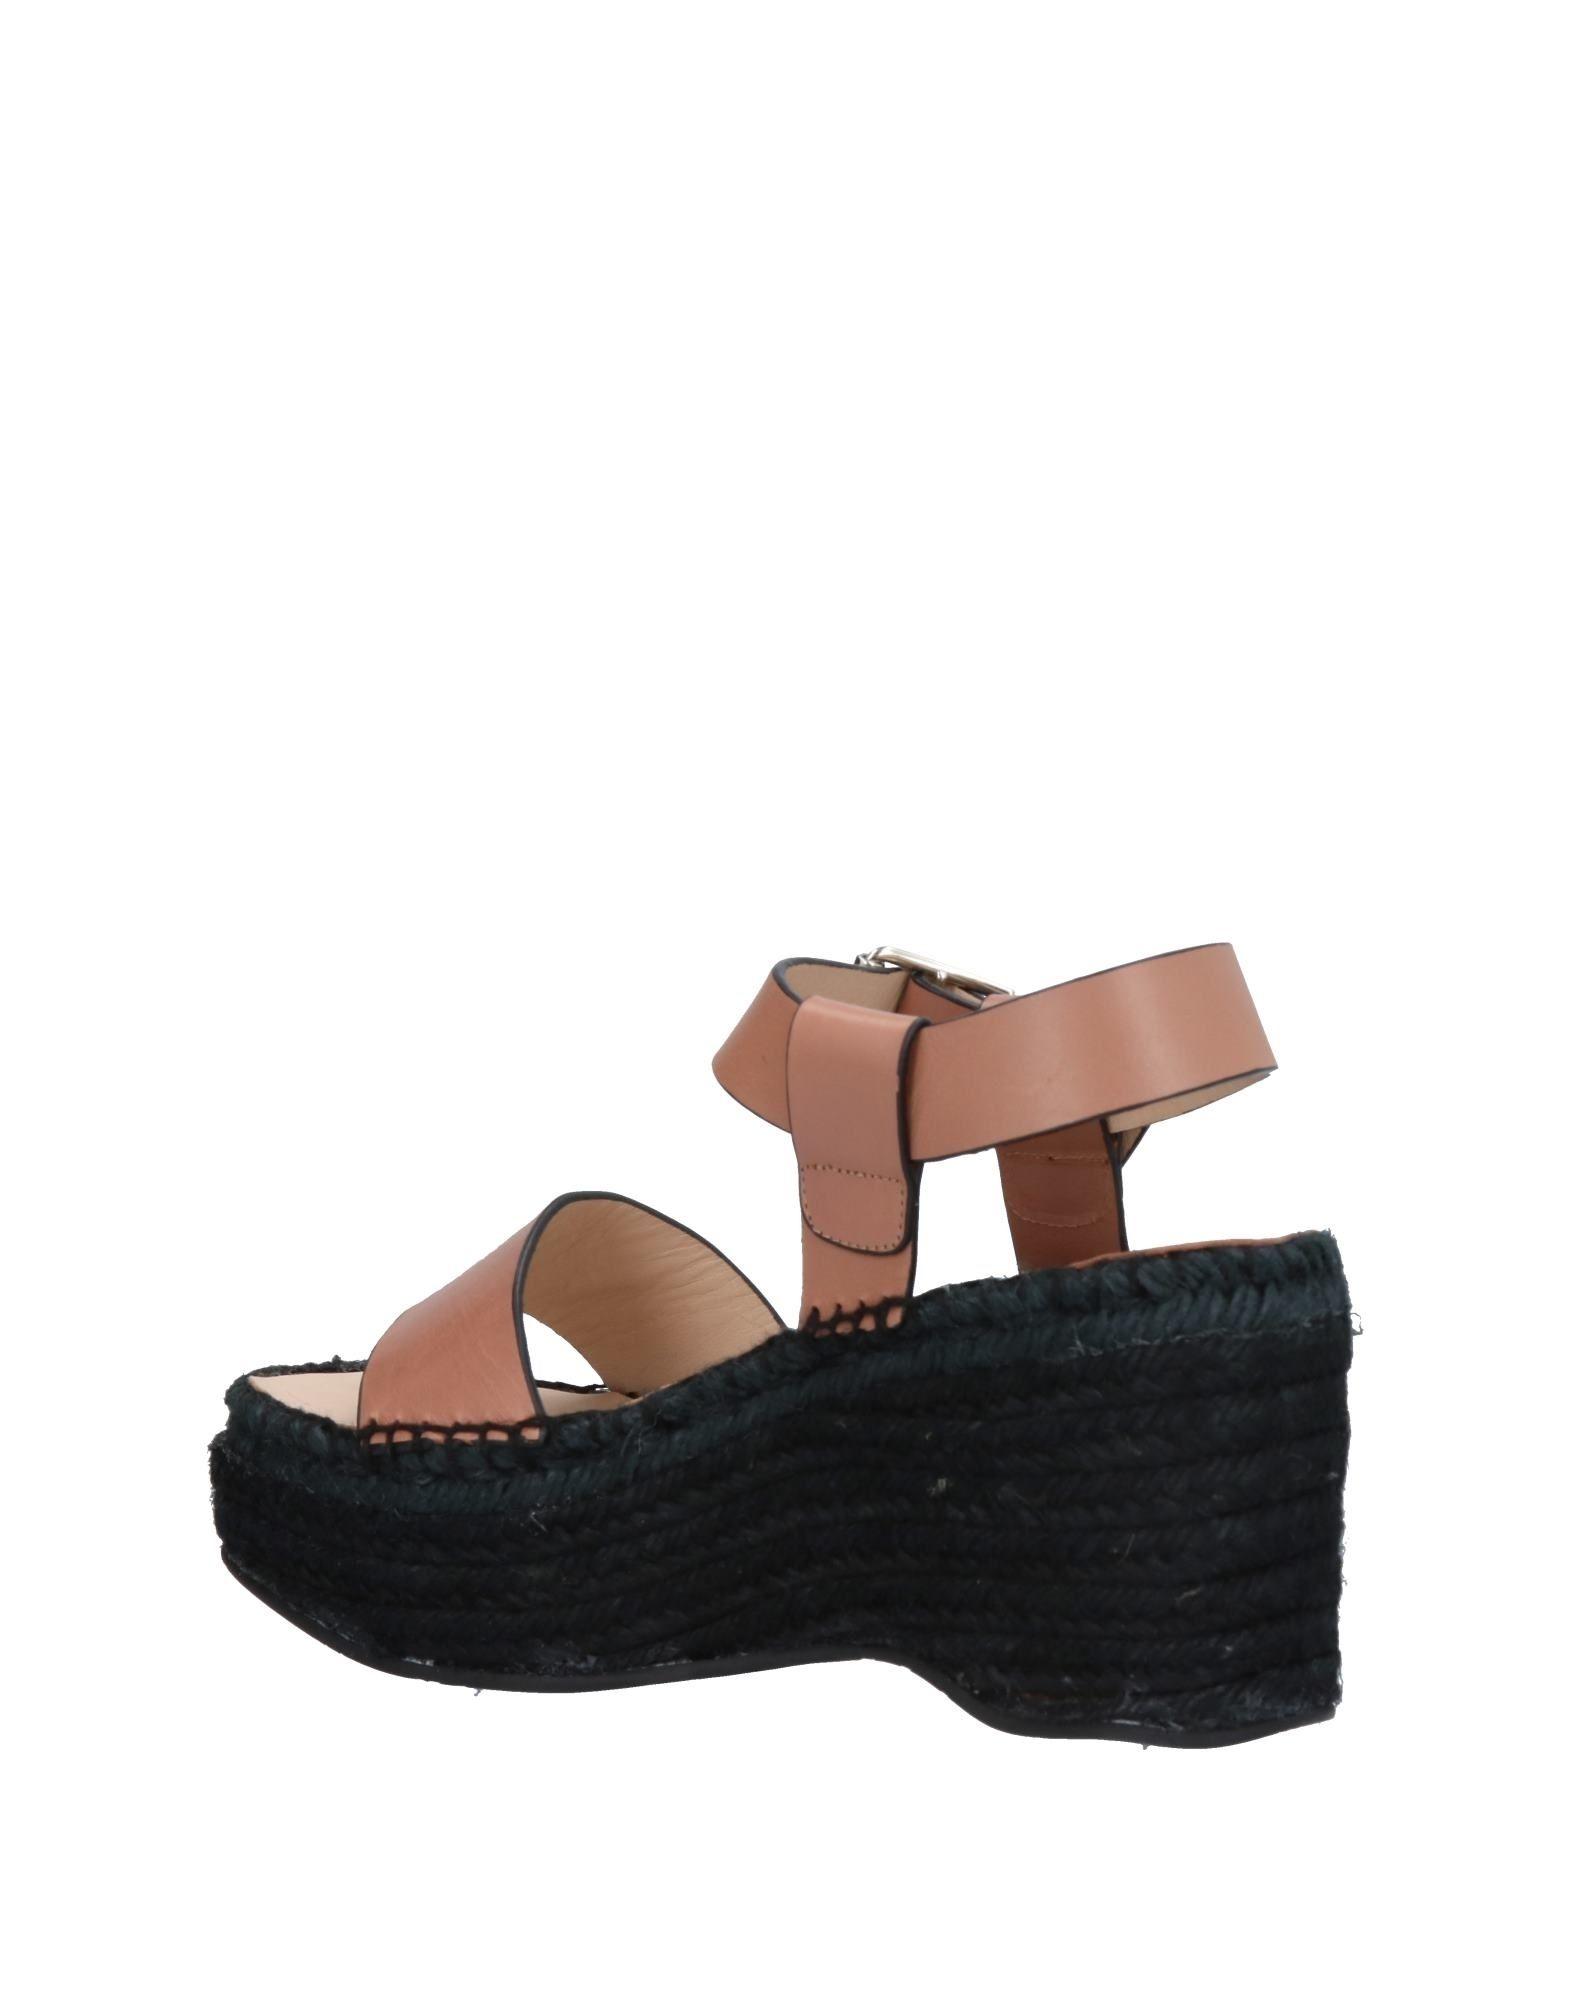 Ras Sandalen Damen  11416686PN Gute Qualität beliebte Schuhe